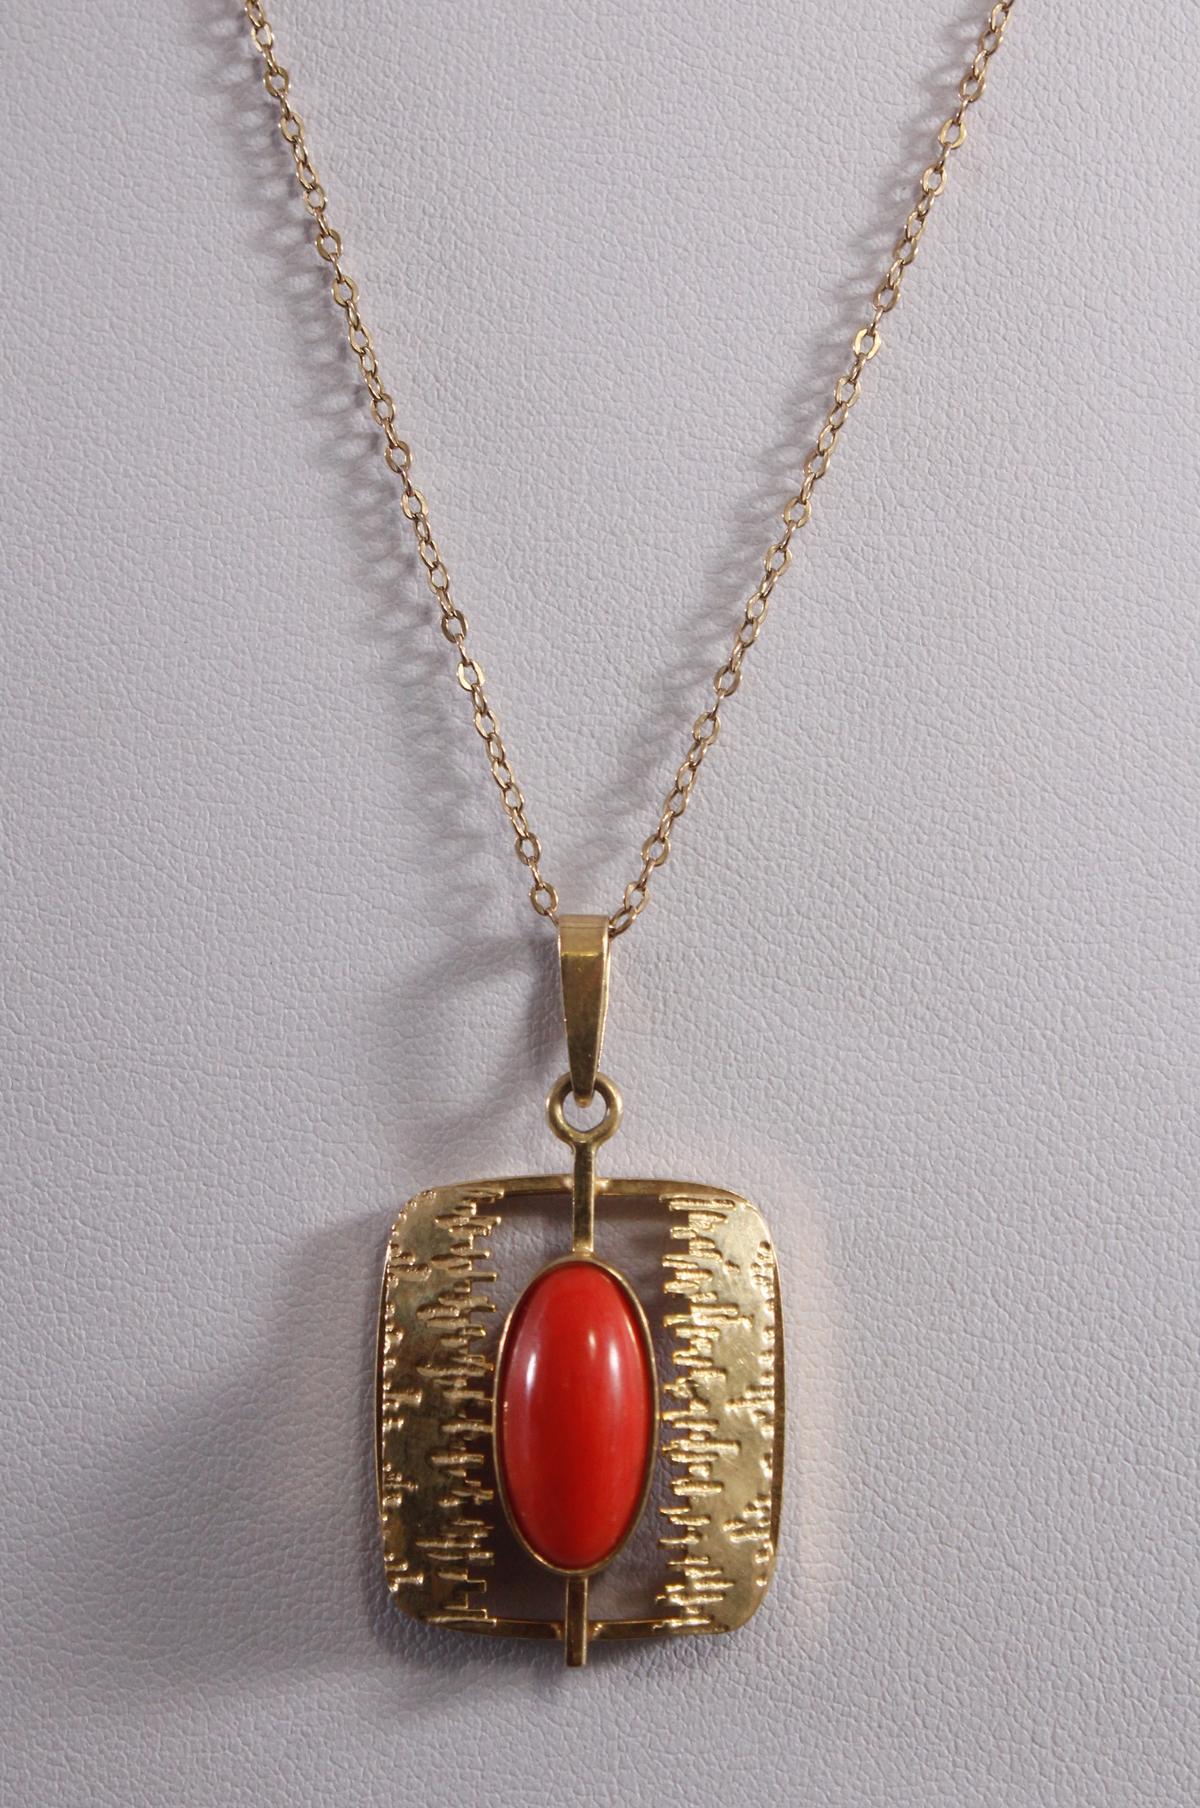 Halskette mit Anhänger und rotem Korallencabochon, 8 Karat Gelbgold-2